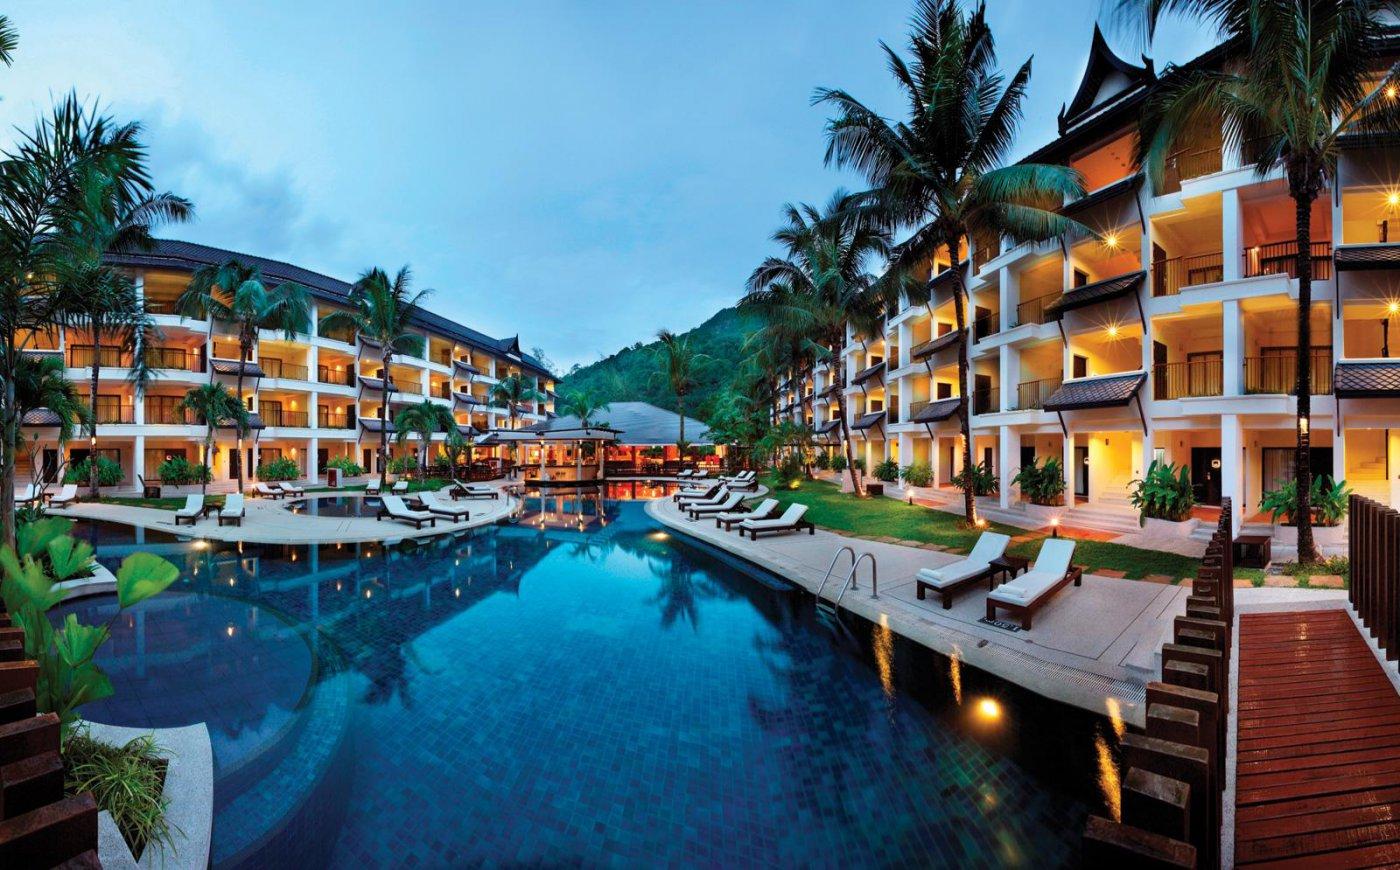 Фото отеля Swissotel Resort Phuket Kamala Beach 4* (Свиссотель Резорт Пхукет Камала Бич 4*)